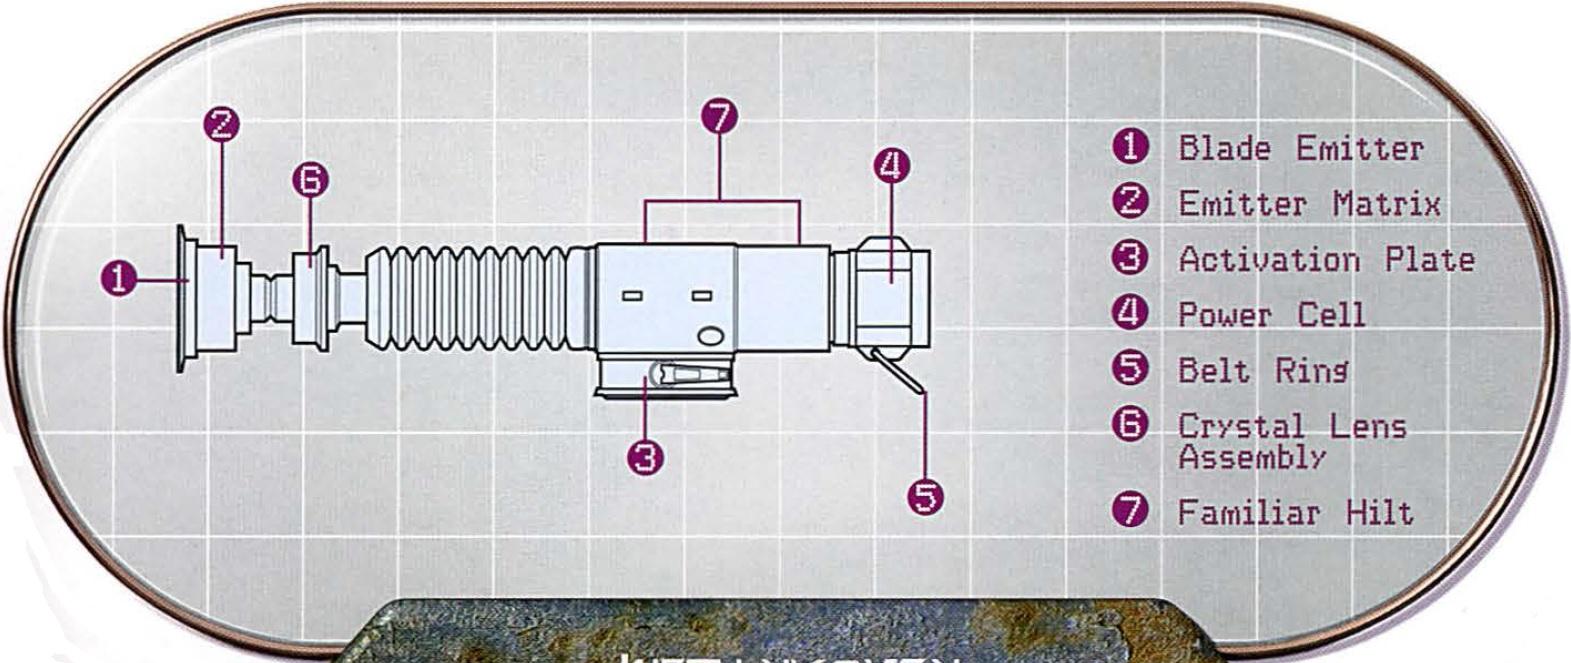 Lightsaber hilt schematics NEGWT.jpg